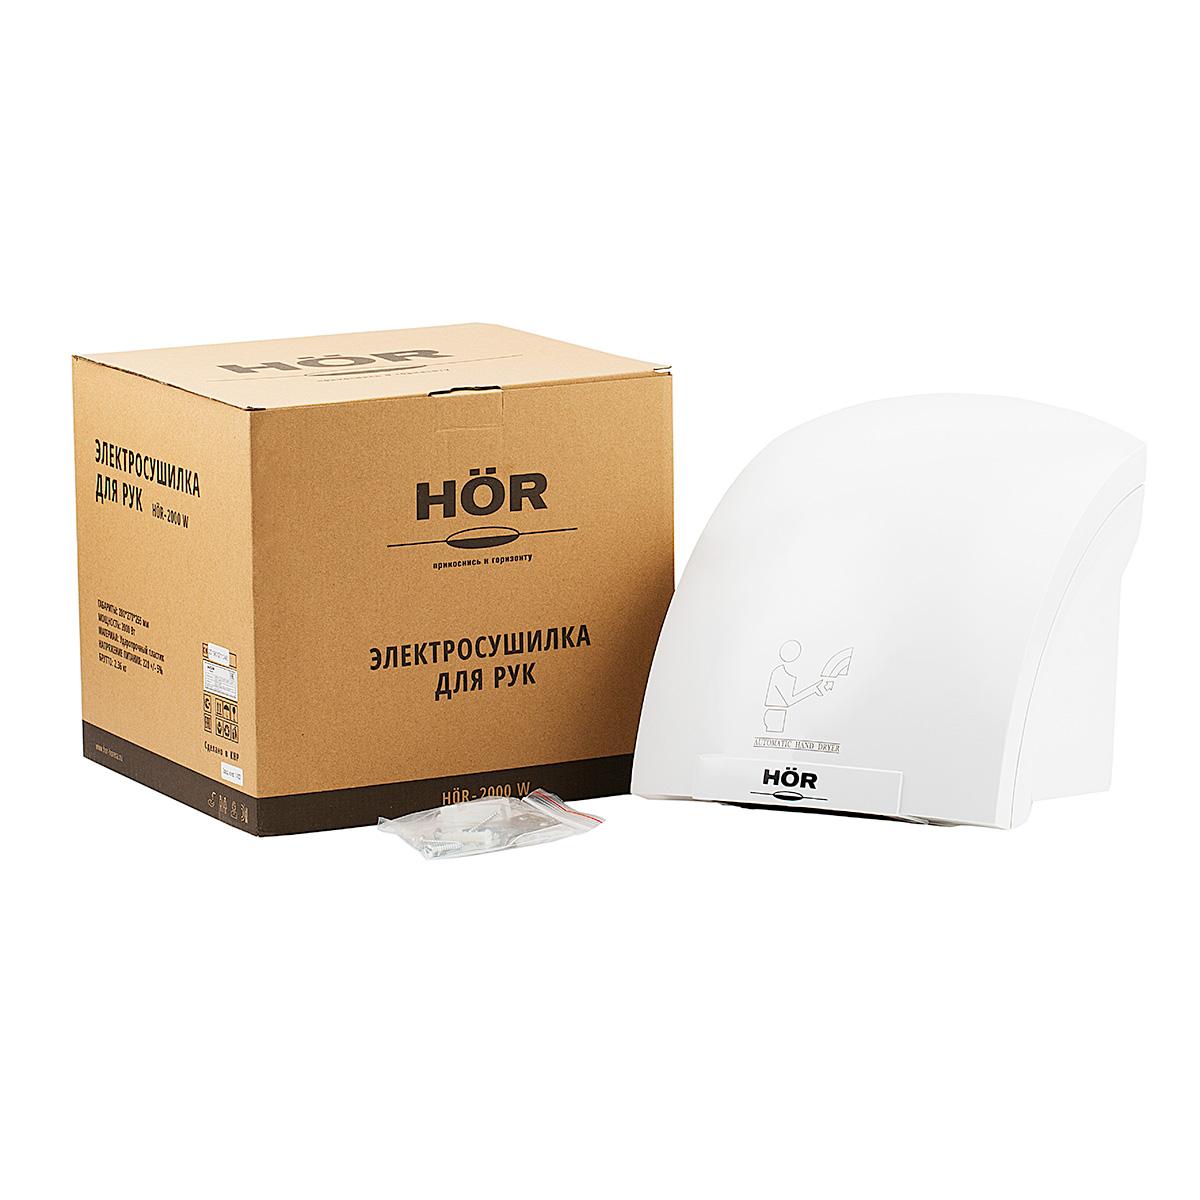 Профессиональное оборудование для сан узлов - сушилки для рук HOR